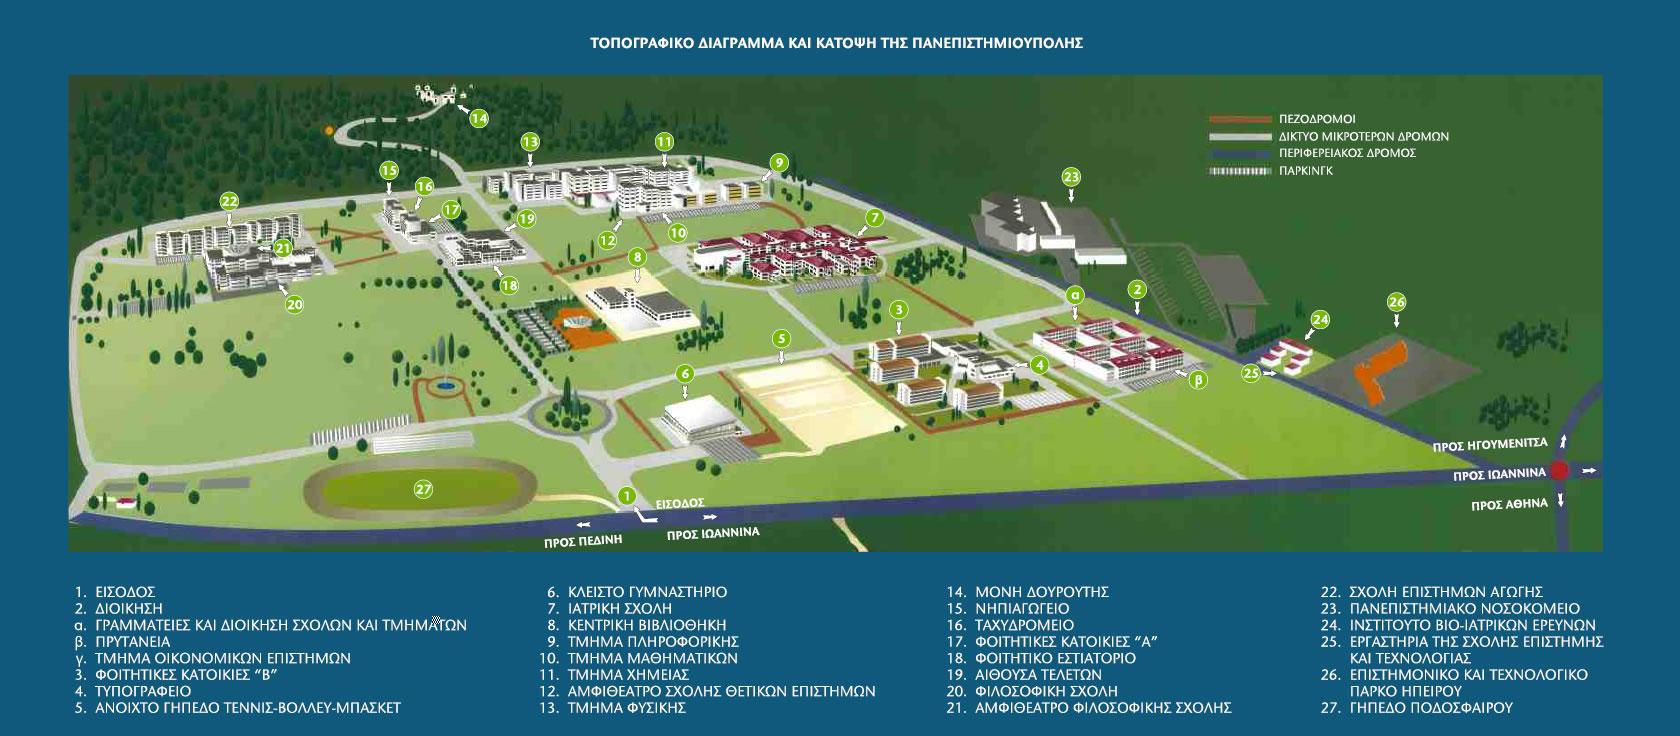 maps googler with 5o Sunedrio S on Konya map moreover Pag58 as well Planters further o llegar as well 40 Najsmieszniejszych Nazw Miejsc I Miejscowosci W Polsce Zdjecia Mapy 11909374 23115712.